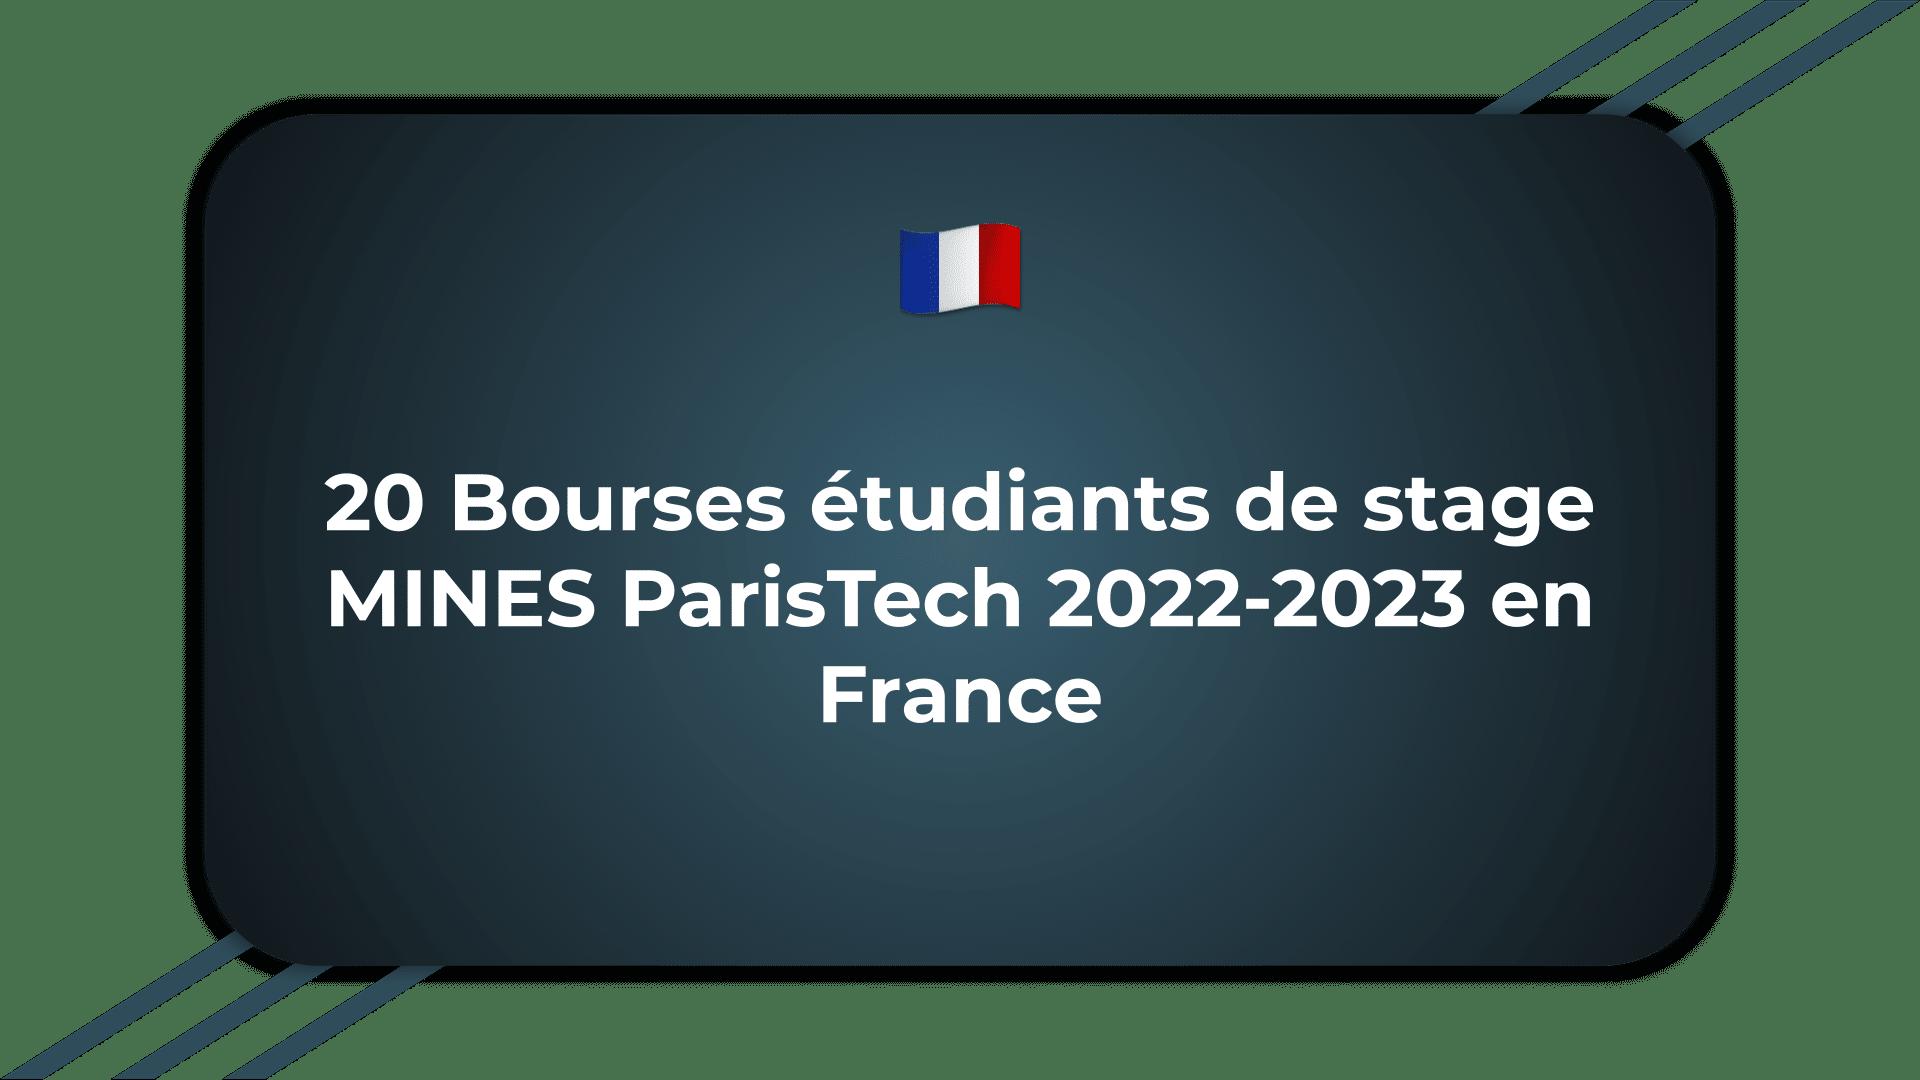 Bourses étudiants de stage MINES ParisTech